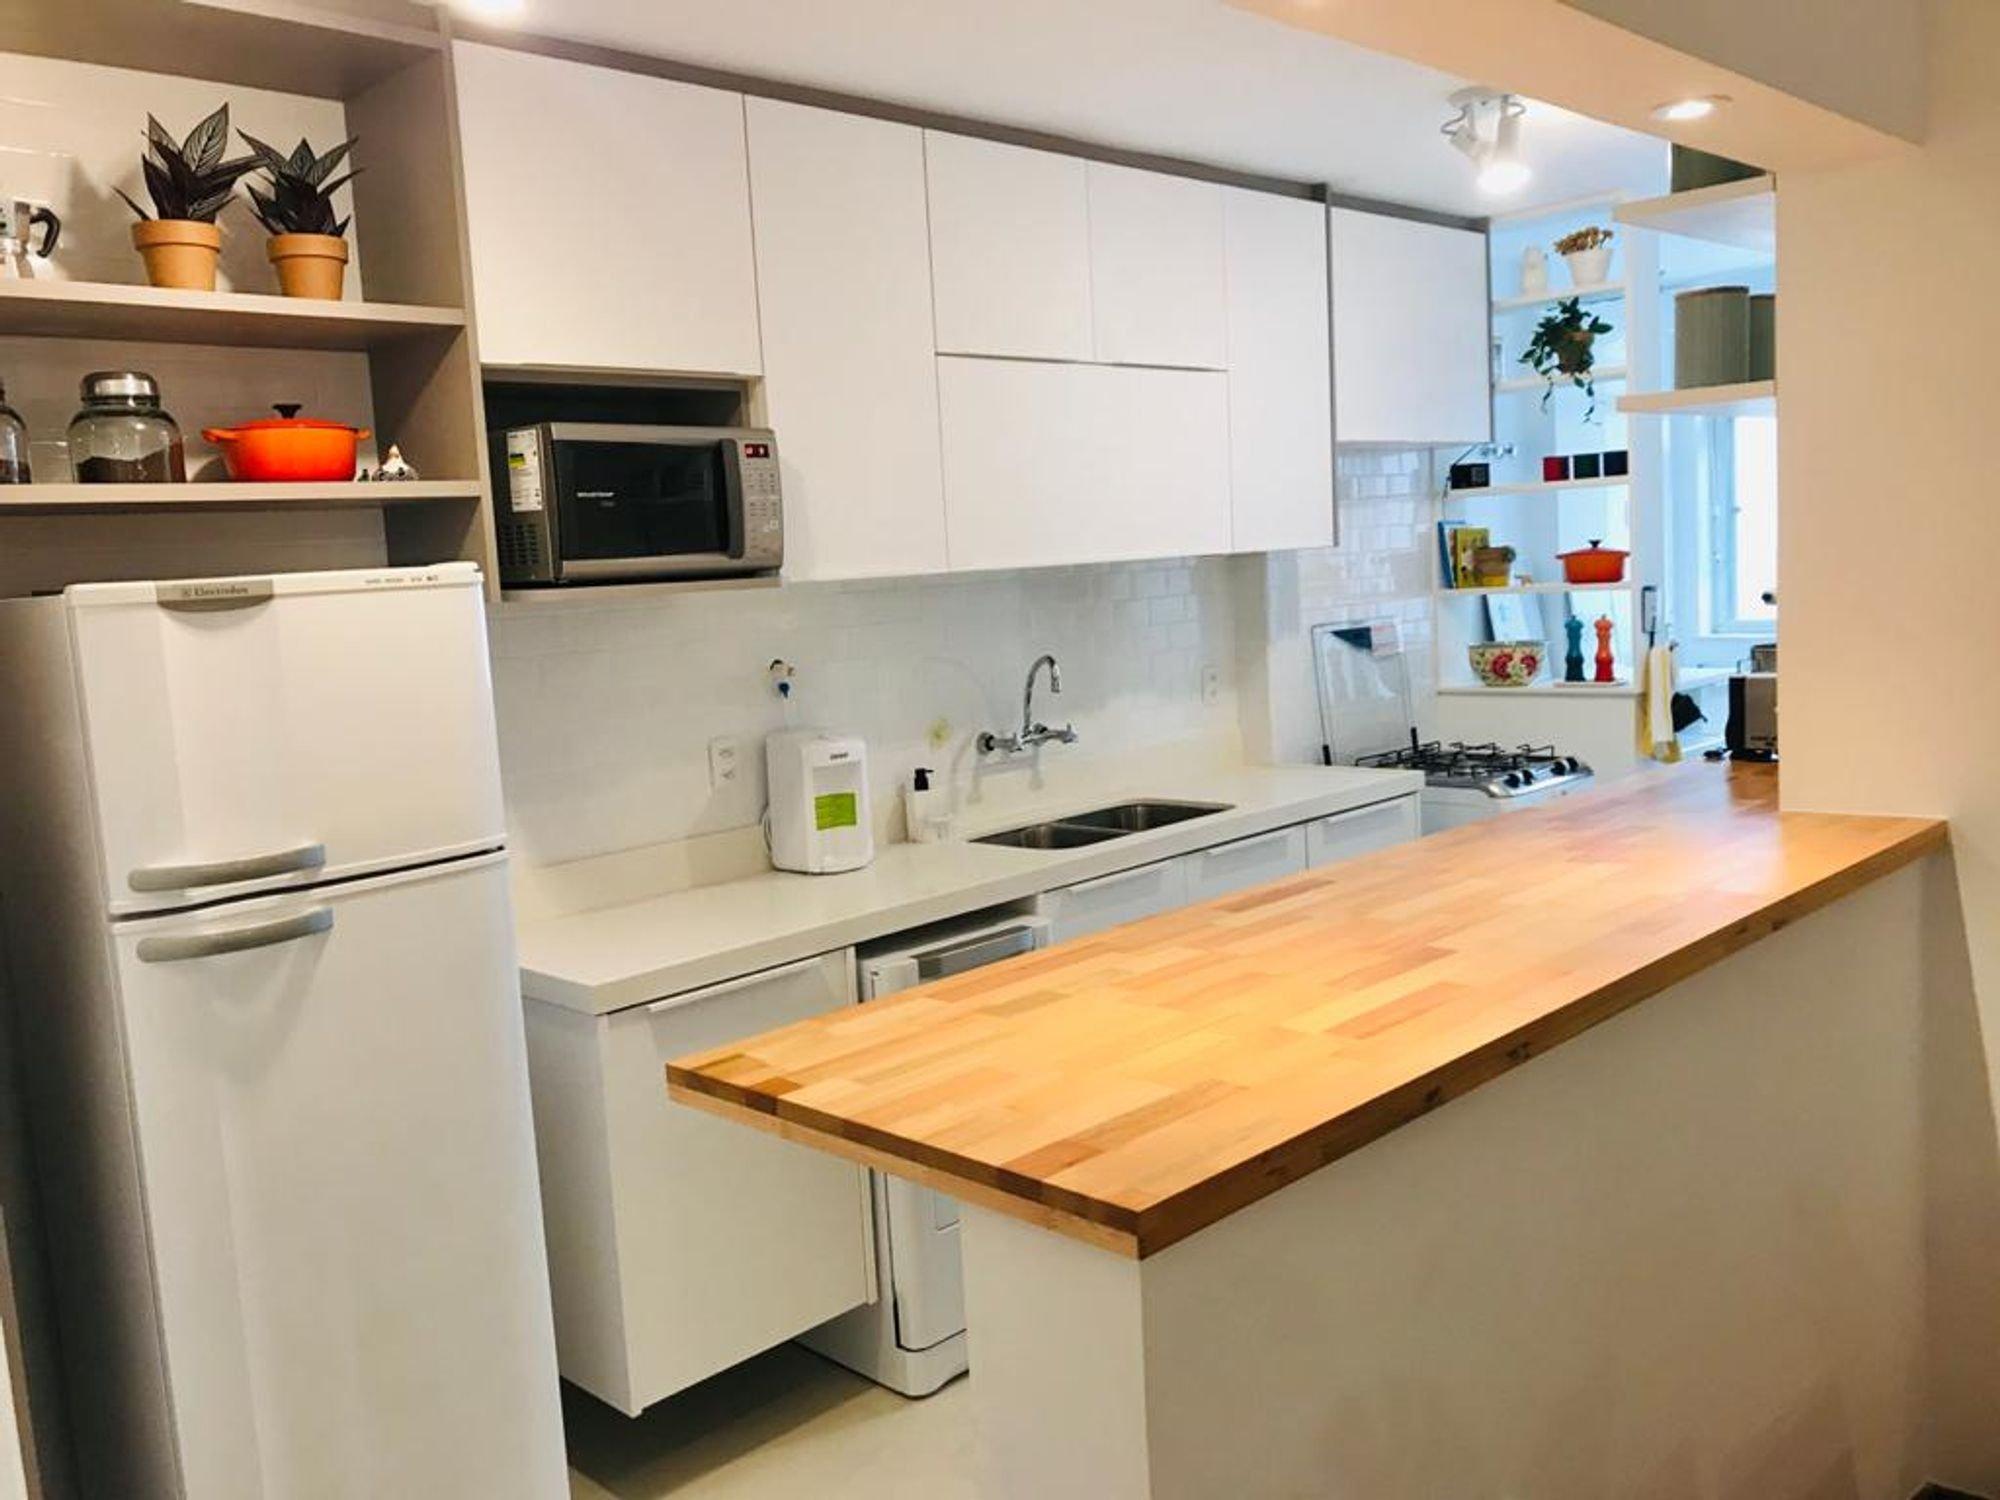 Foto de Cozinha com vaso de planta, tigela, geladeira, pia, microondas